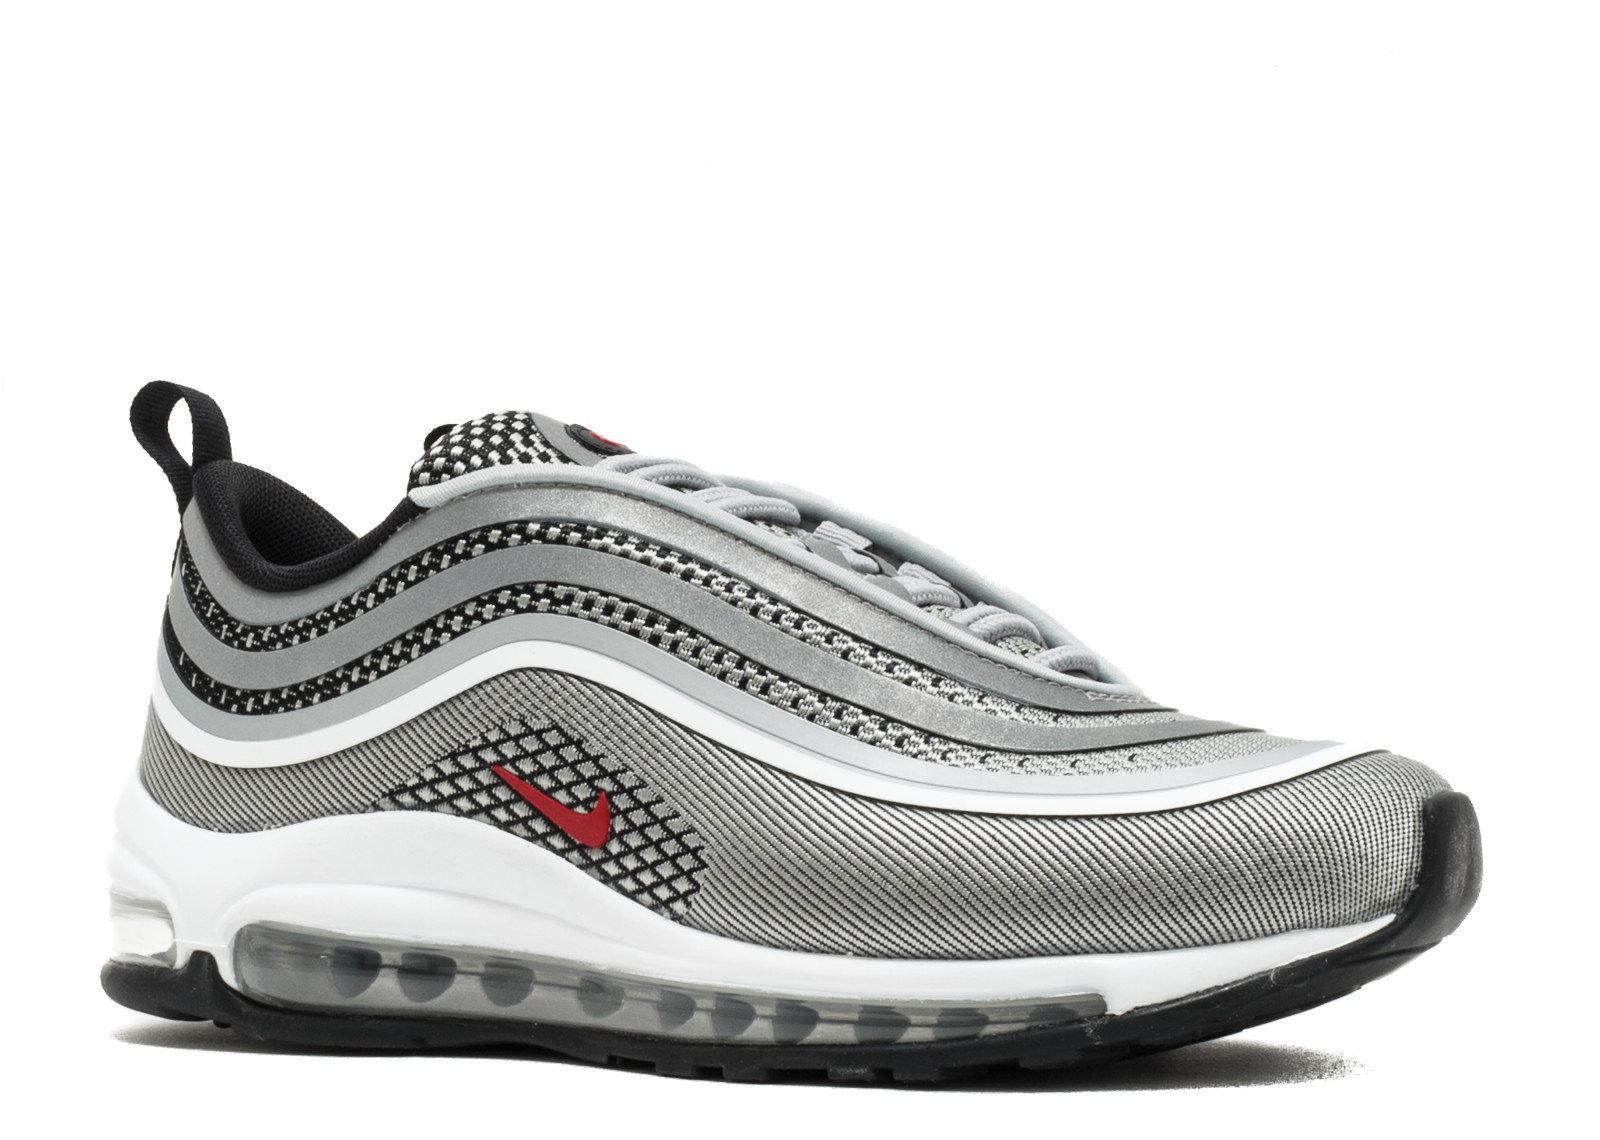 Nike Air Max 97 Ultra '17